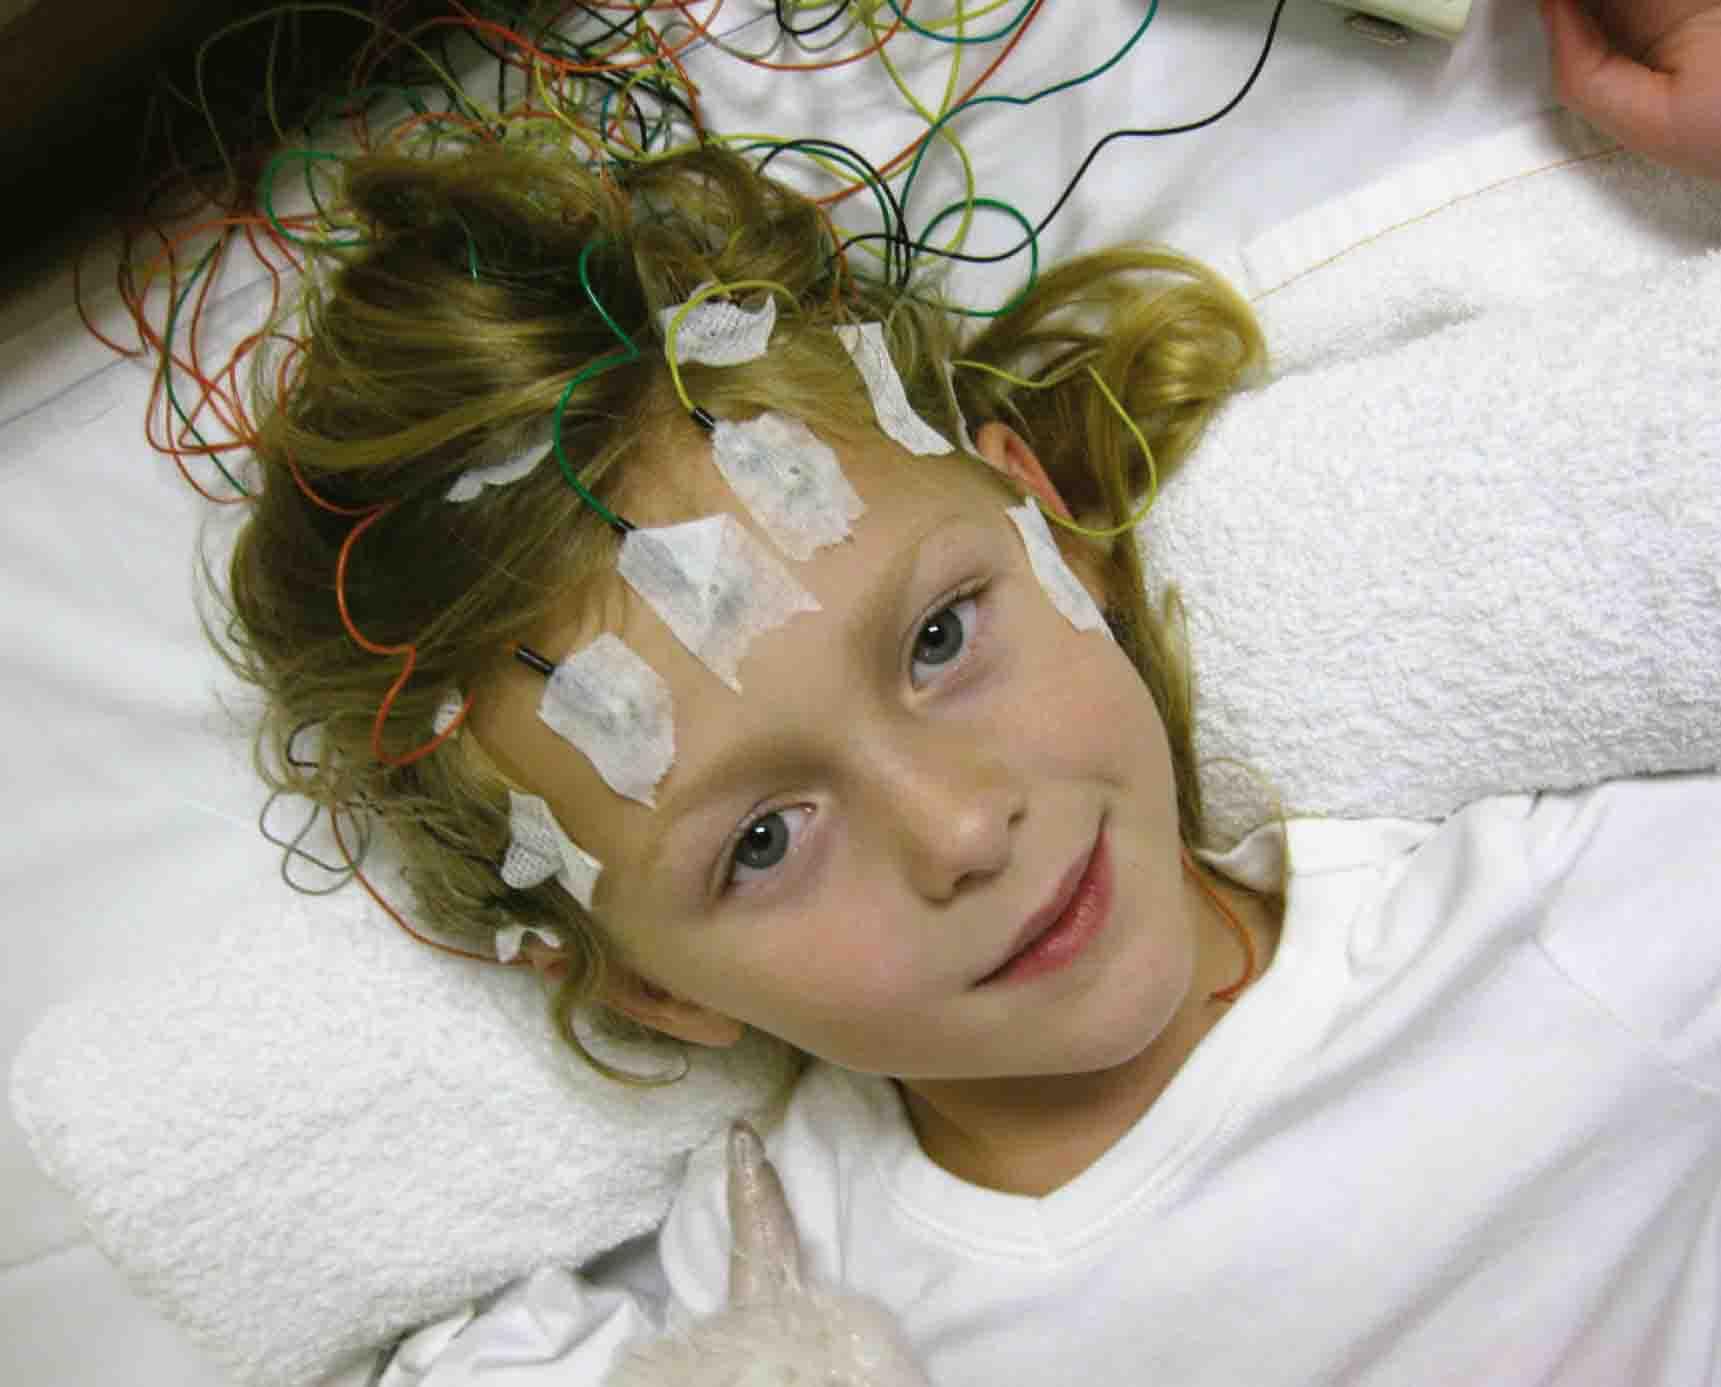 Casos de niños con epilepsia se deben a problemas ocurren en el embarazo